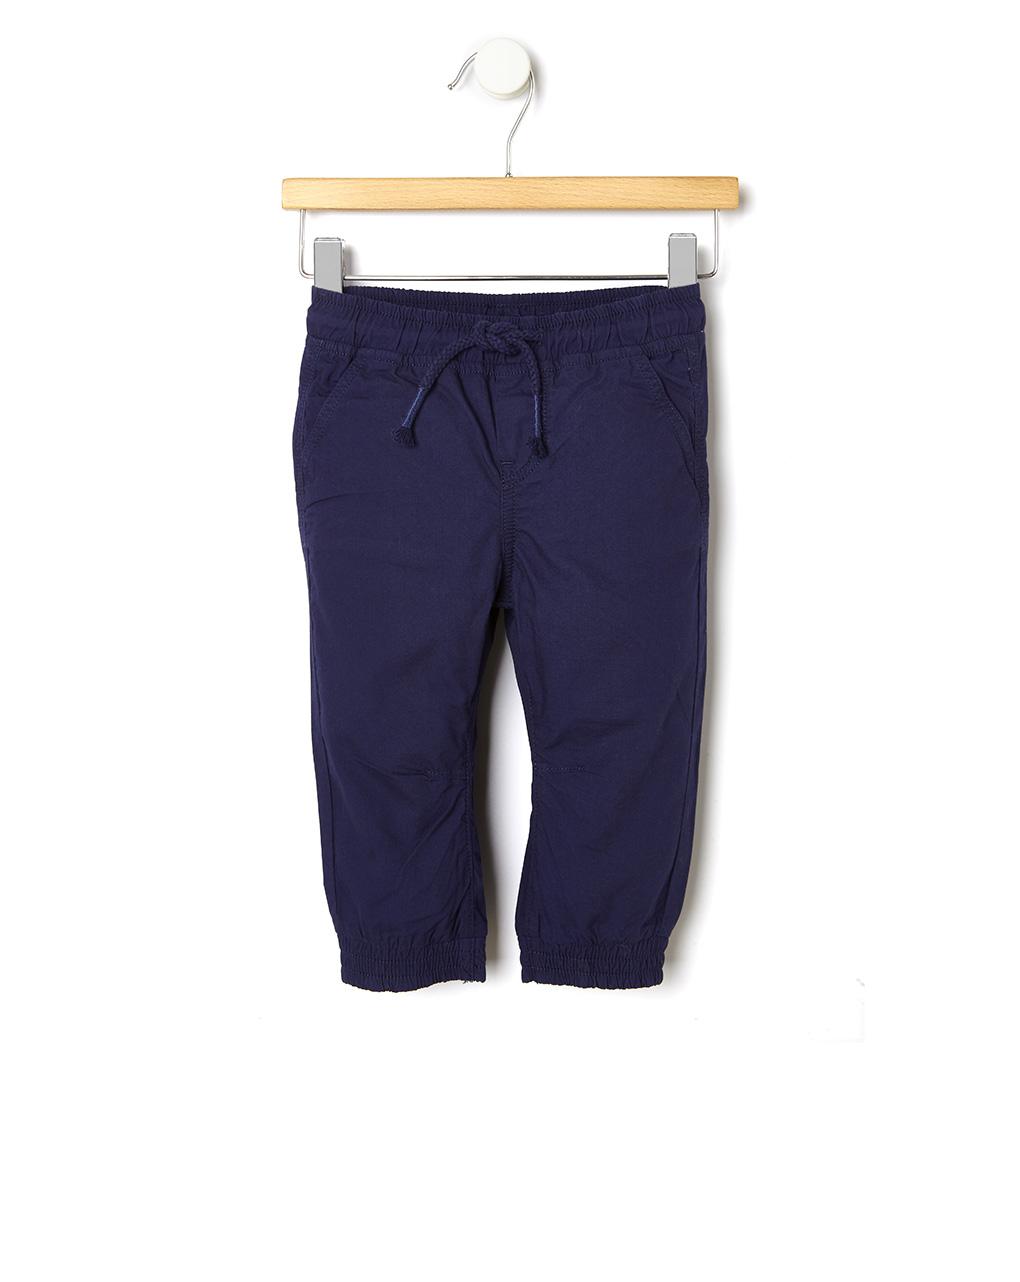 Παντελόνι Basic Μπλε για Αγόρι